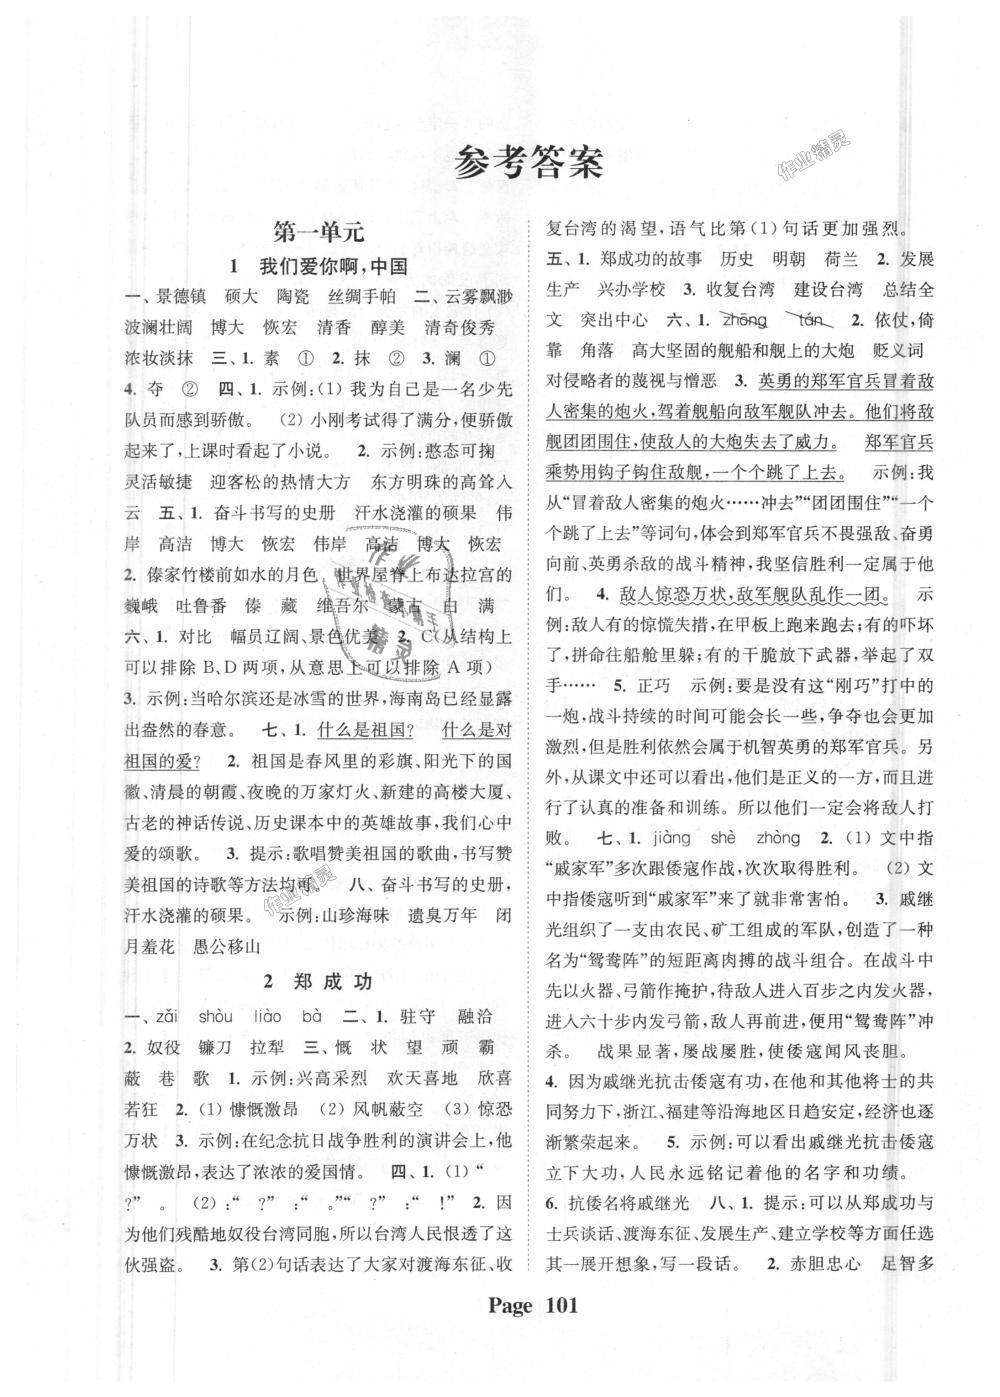 2018年通城学典课时新体验六年级语文上册江苏版第1页